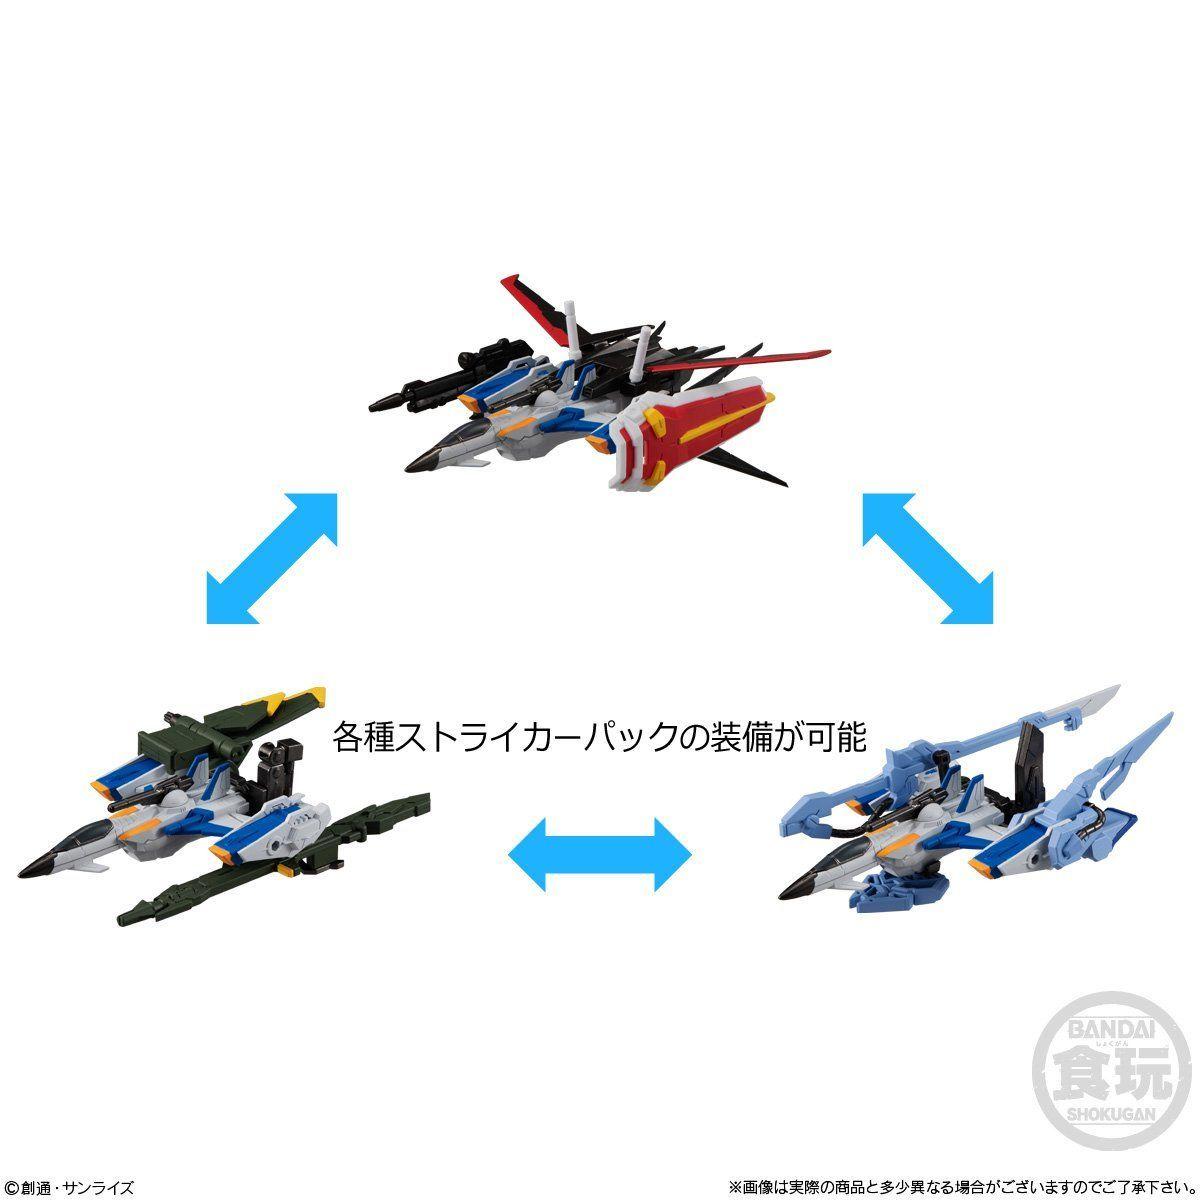 【食玩】Gフレーム『EX03 パーフェクトストライクガンダム&スカイグラスパー』機動戦士ガンダムSEED 可動フィギュア-009